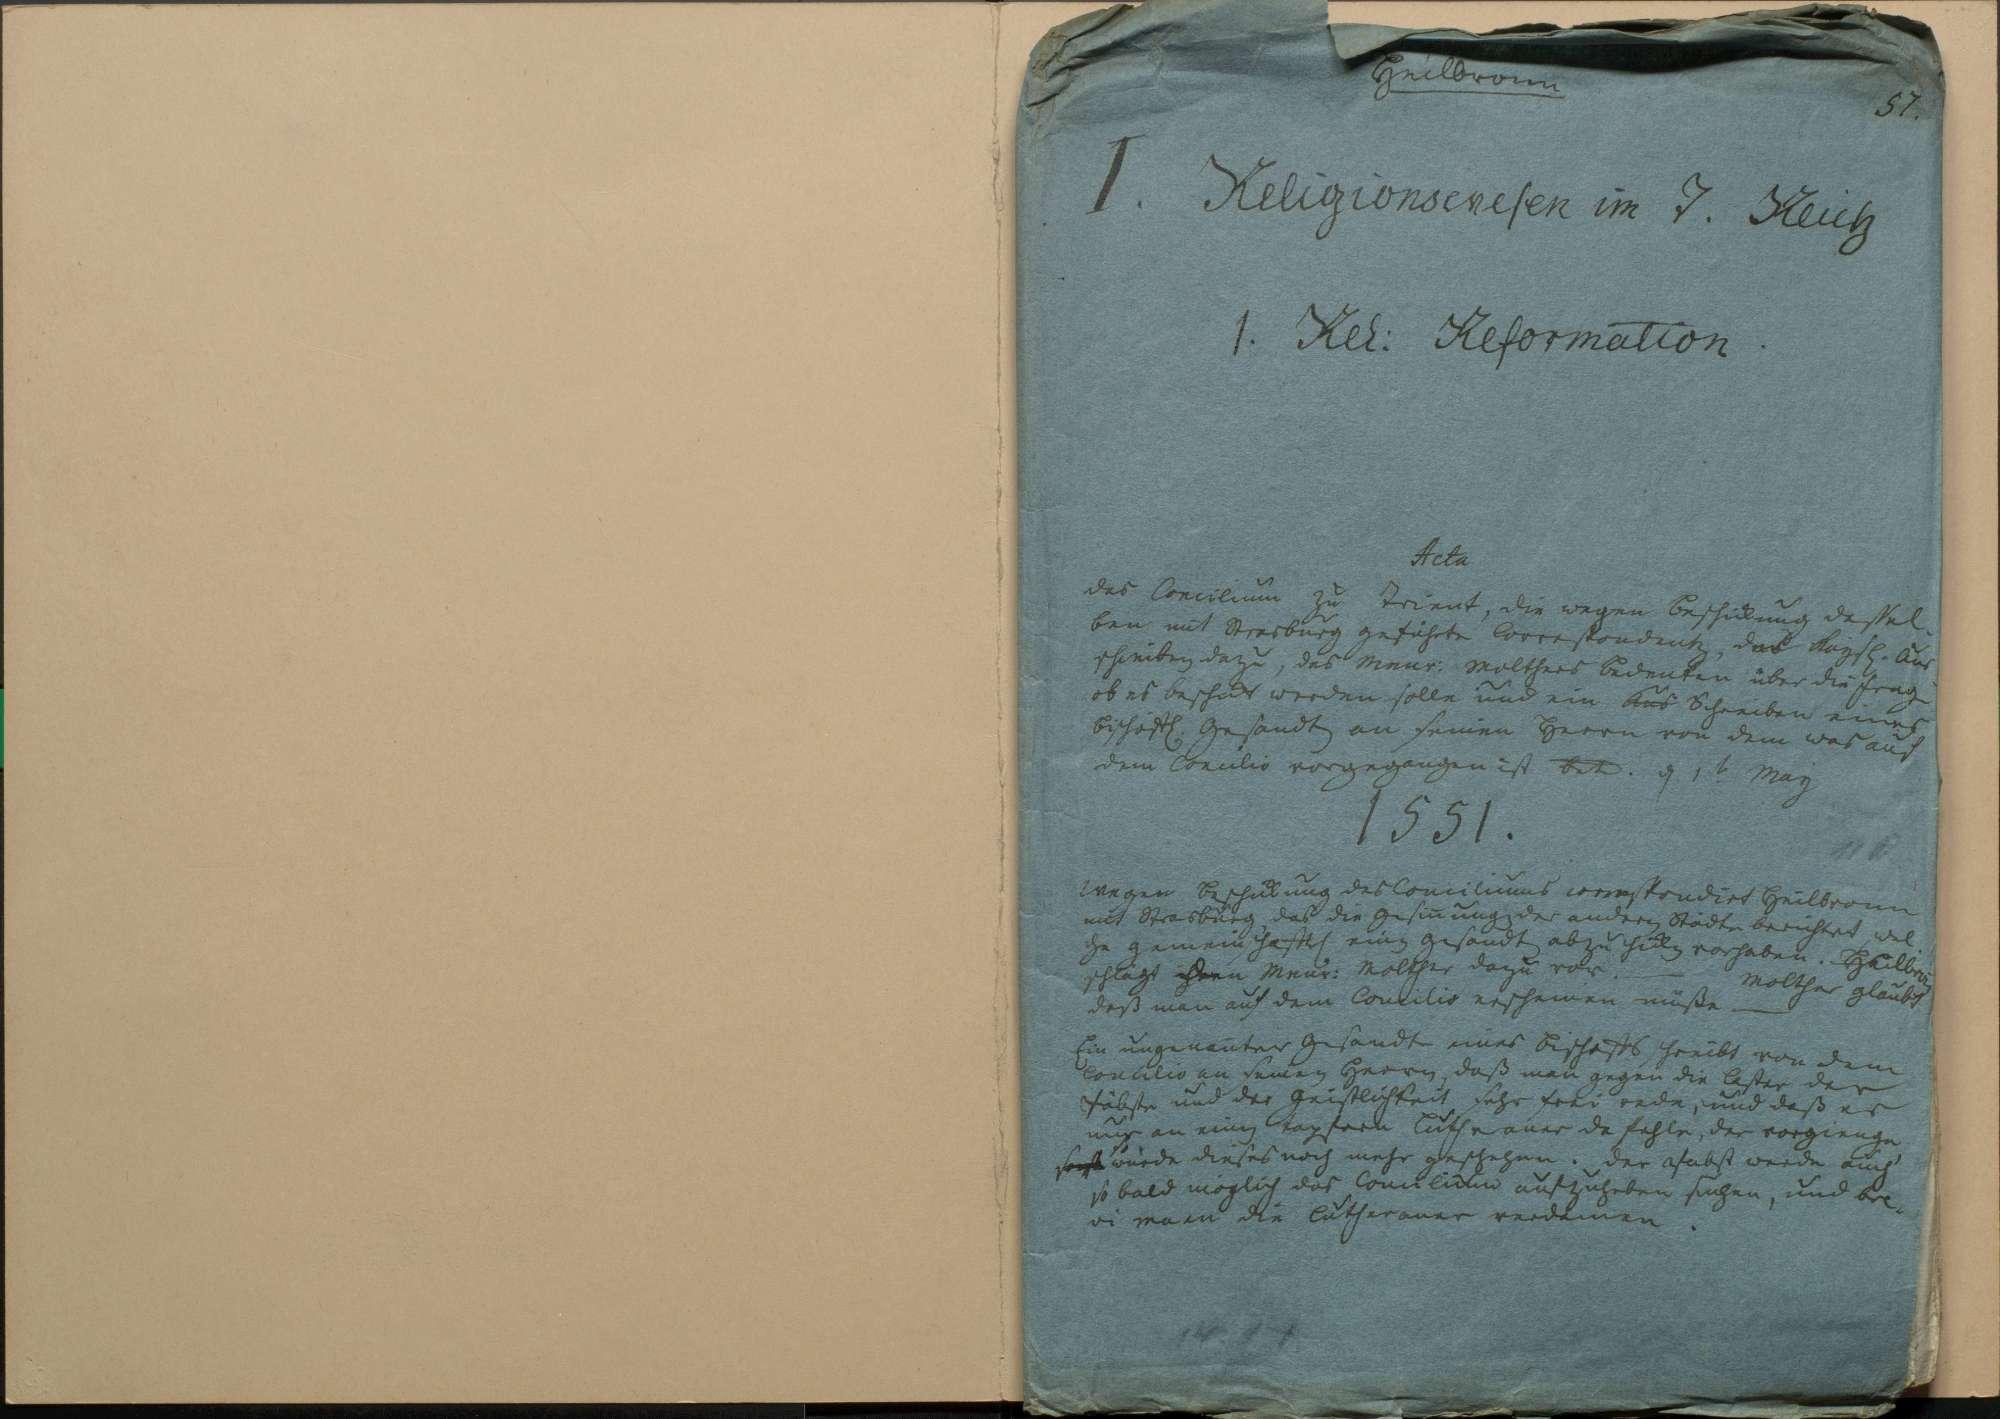 Konzil von Trient, die wegen Beschickung desselben mit Straßburg geführte Korrespondenz und das kaiserliche Ausschreiben dazu sowie Bedenken des Menrad Molther über die Frage, ob es beschickt werden solle und ein Schreiben eines bischöflichen Gesandten an seinen Herrn, von dem was auf dem Konzil vorgegangen ist, 1. Mai 1551, Bild 1